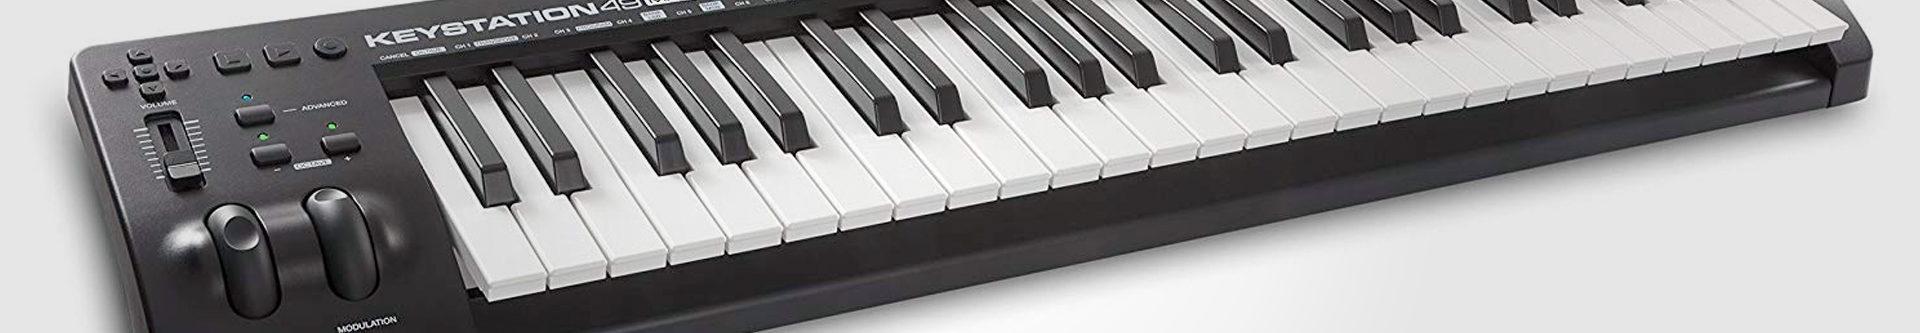 M-Audio Keystation 49ES MIDI keyboard